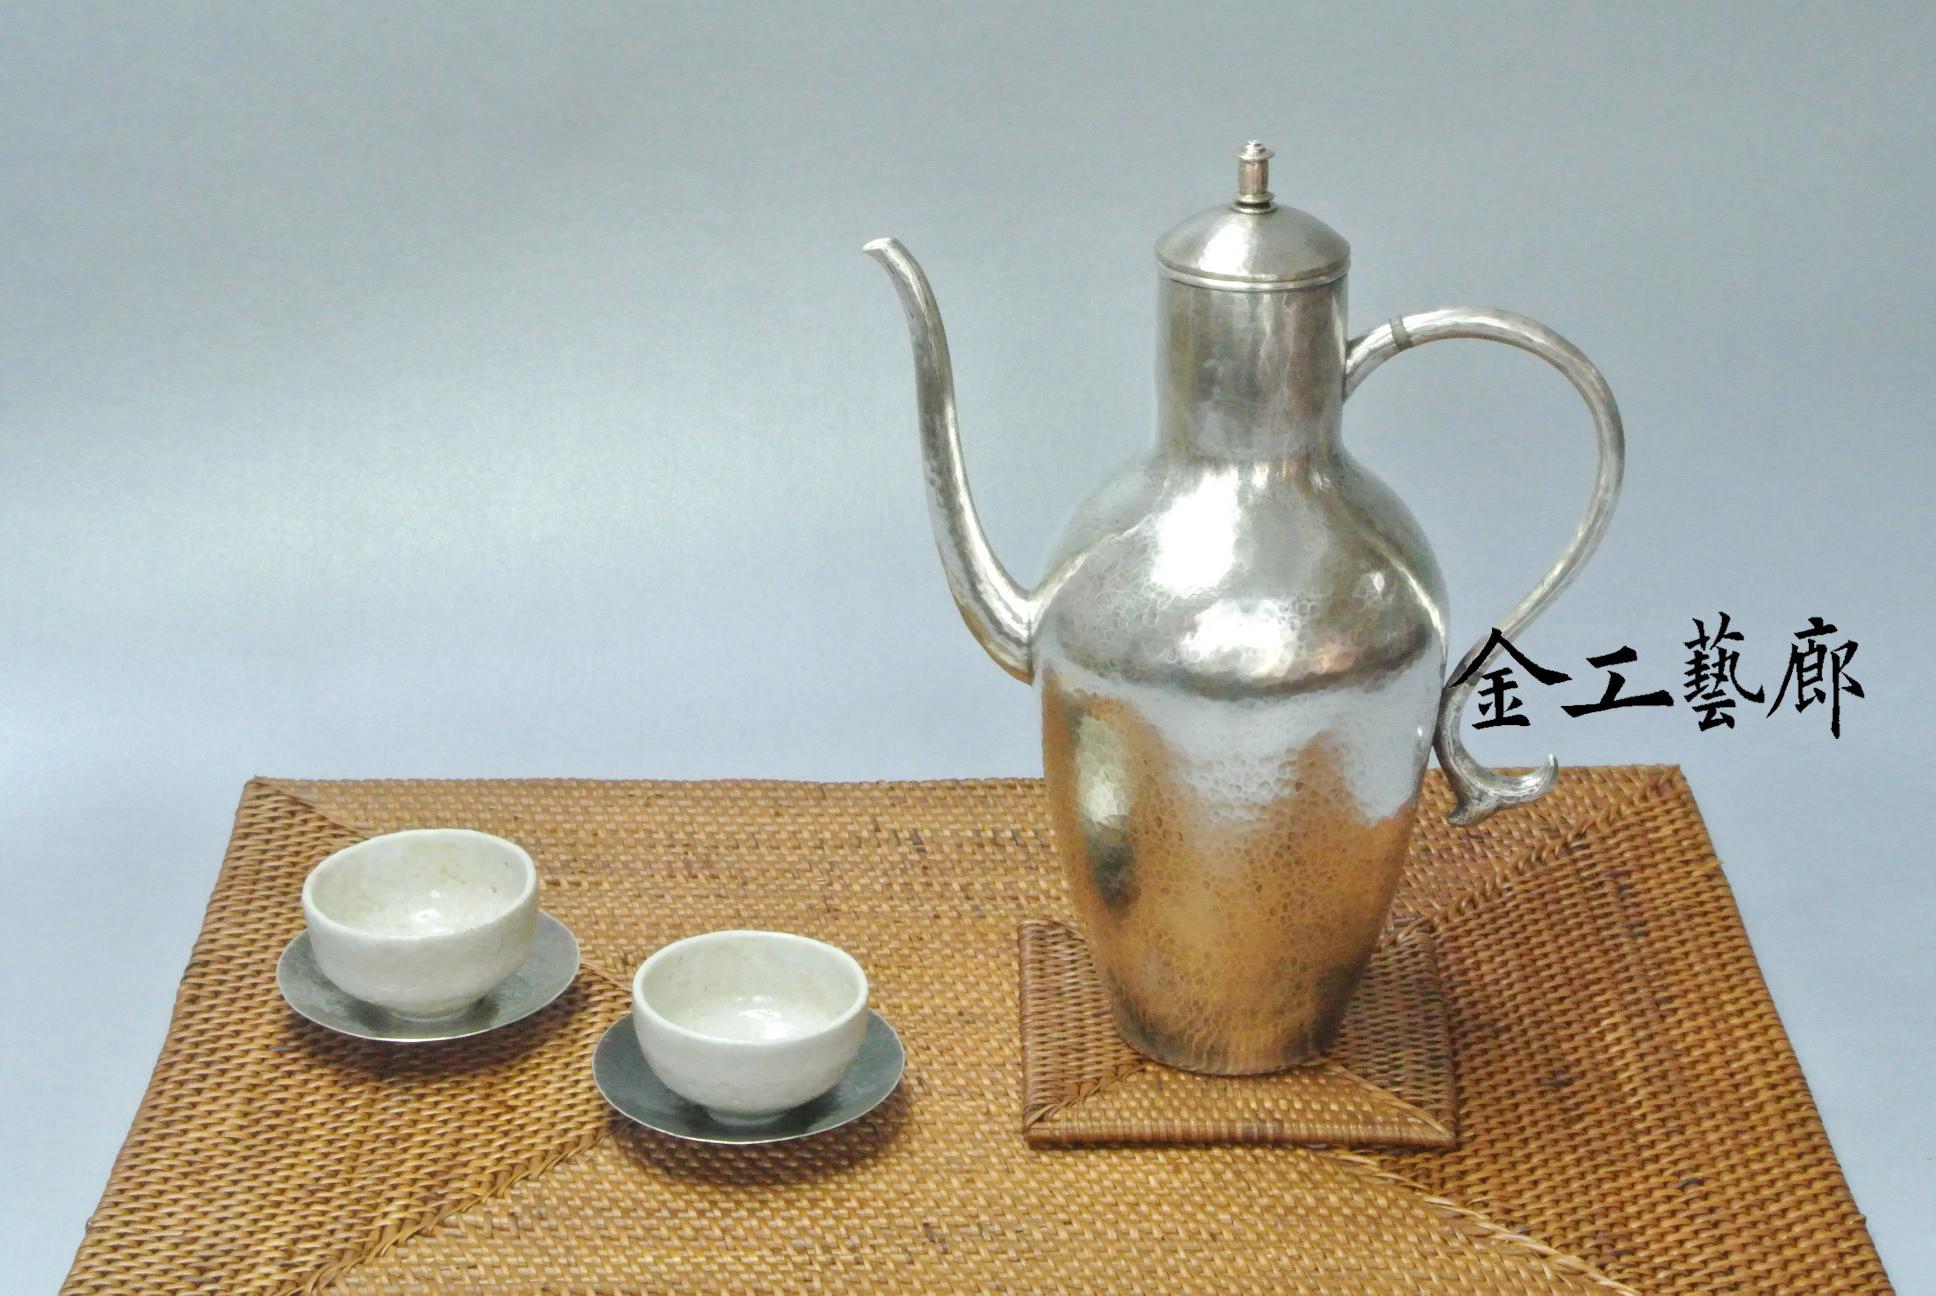 重現宋朝文人雅緻之古制造型銀壺欣賞